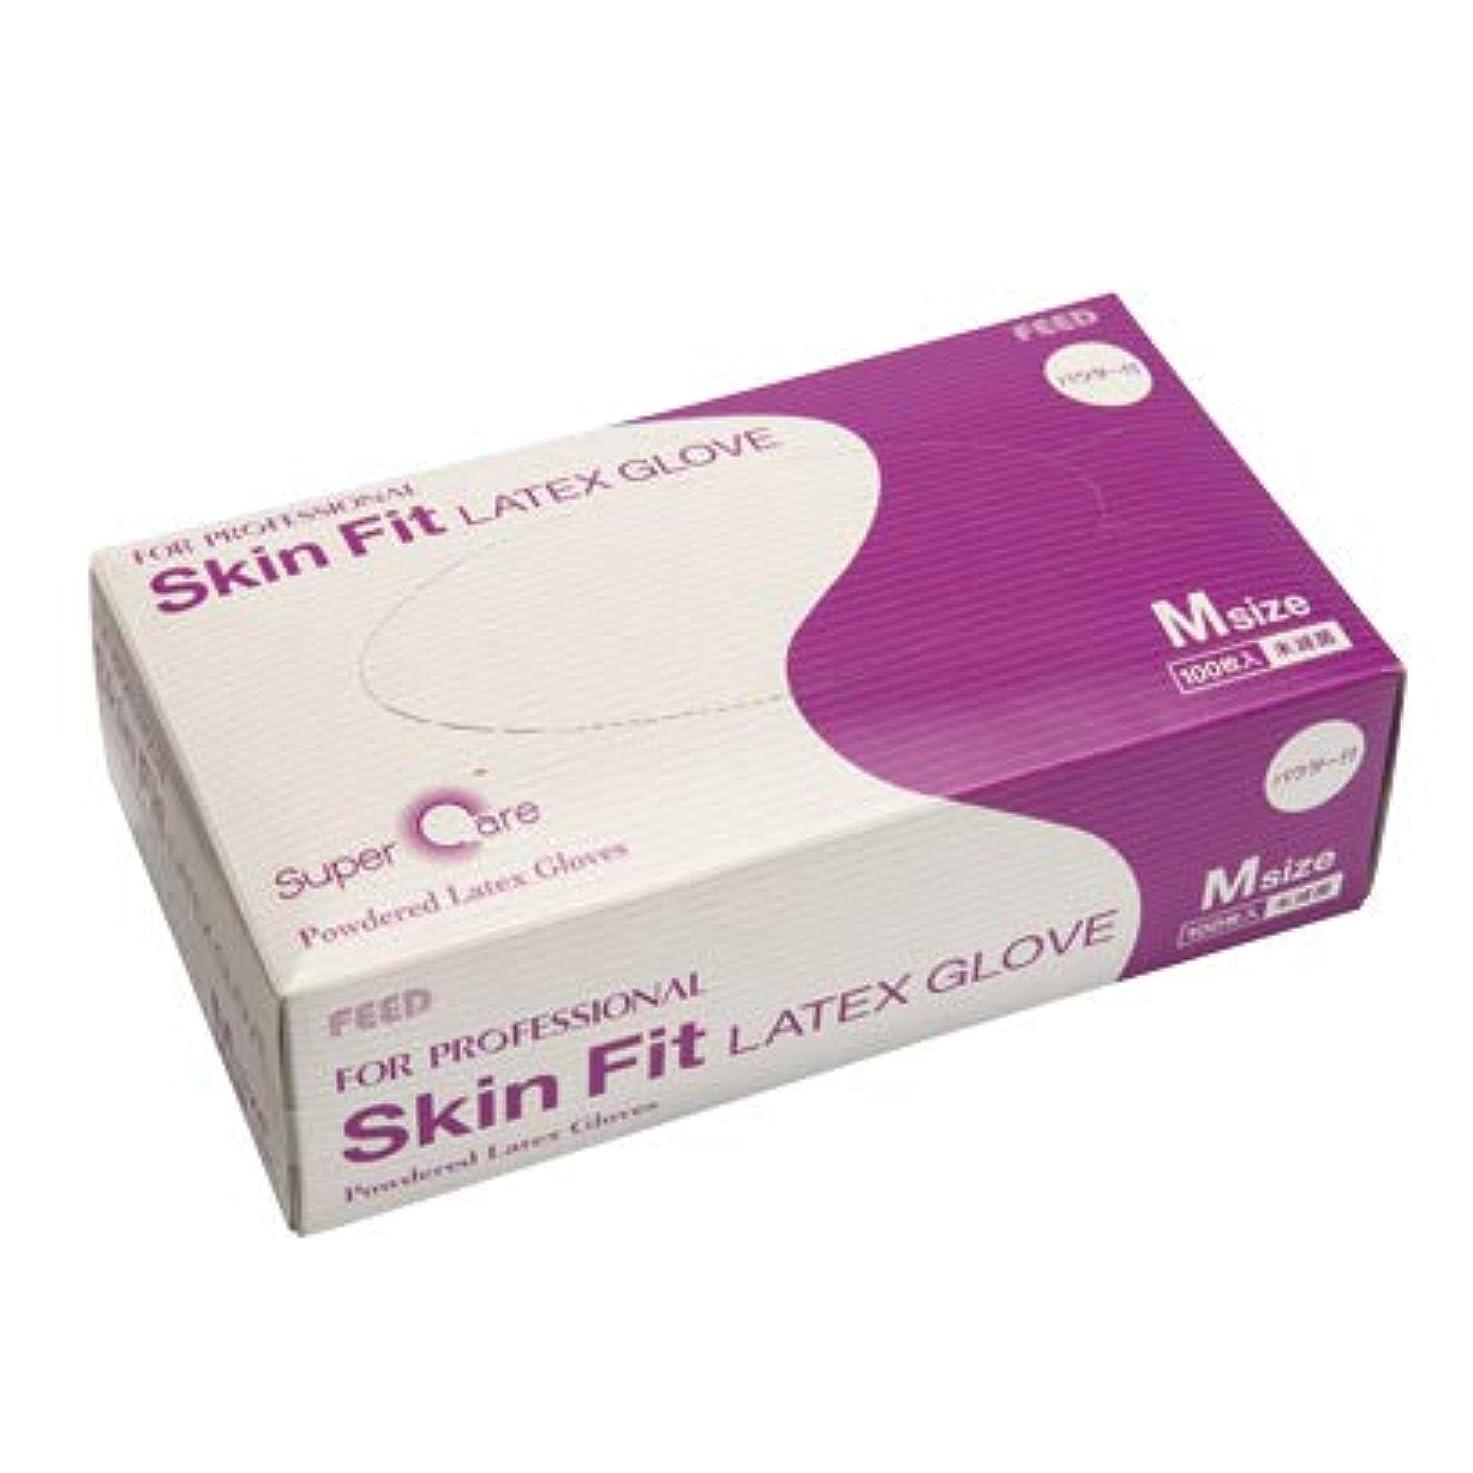 スポークスマンペンフレンド降ろすFEED(フィード) Skin Fit ラテックスグローブ パウダー付 M カートン(100枚入×10ケース) (作業用)